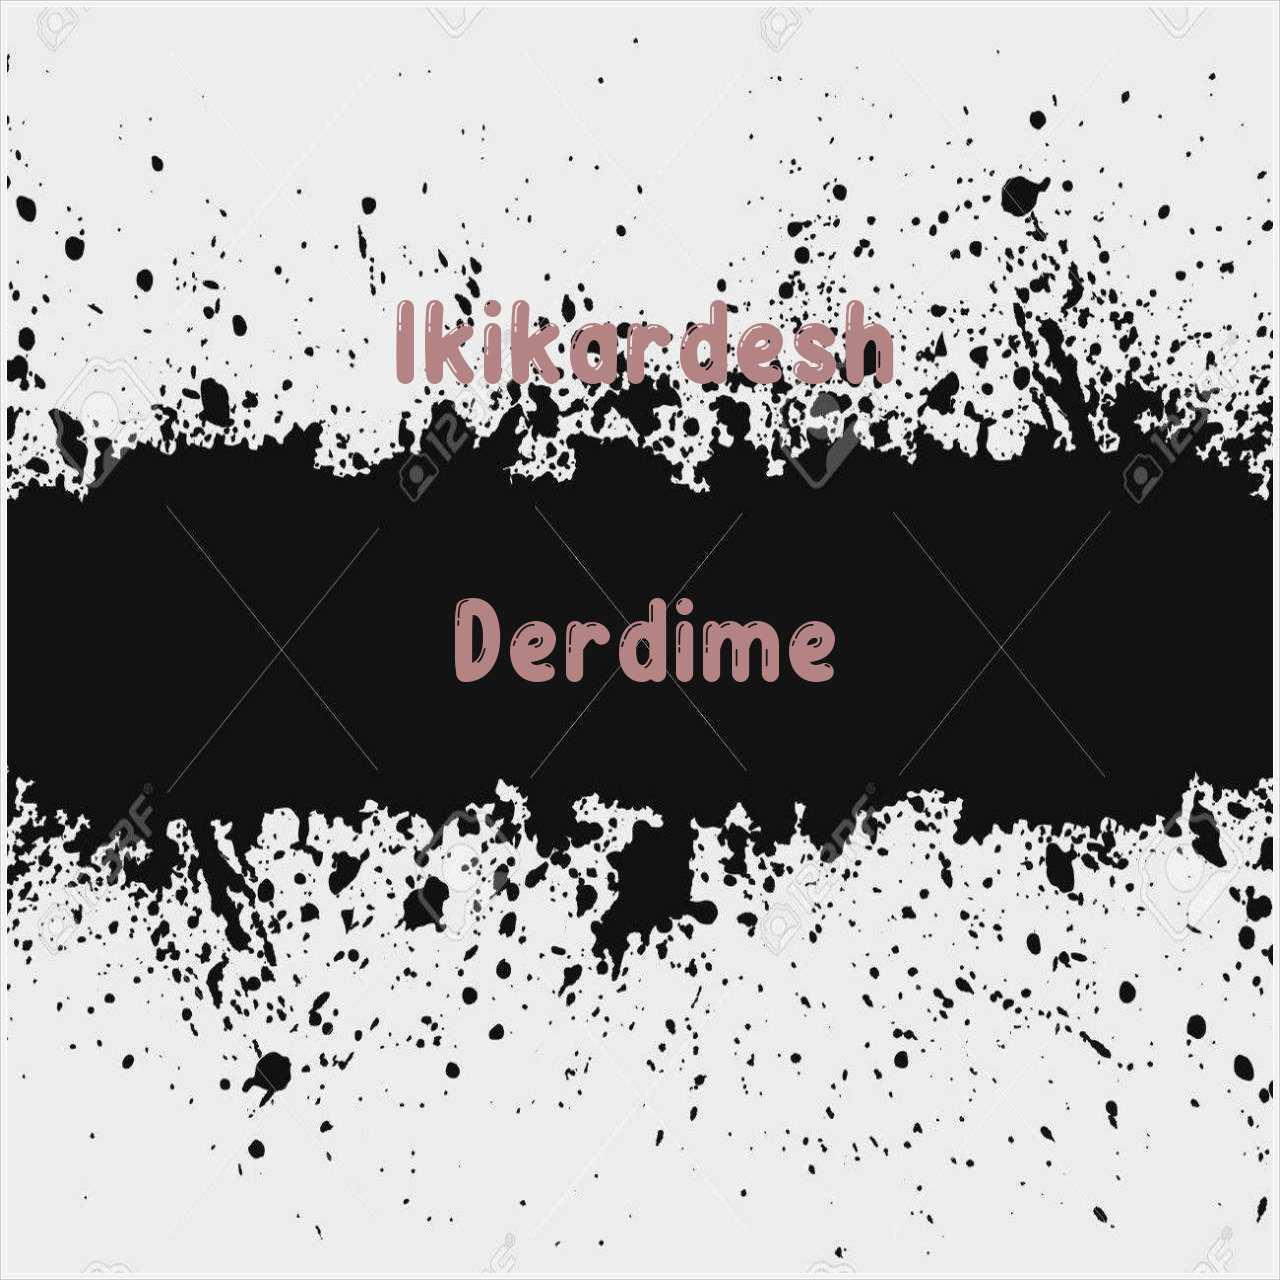 دانلود آهنگ جدید Ikikardesh به نام Derdime